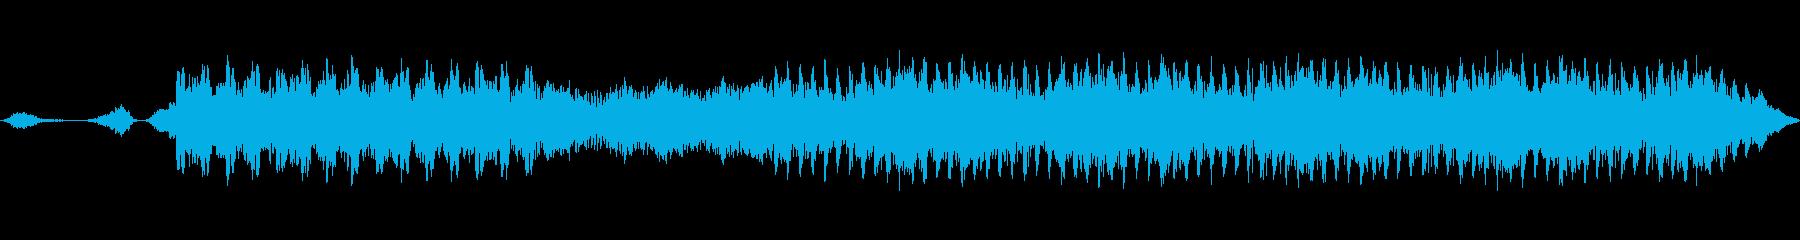 動きのあるシンセサイザーと神聖なコーラスの再生済みの波形